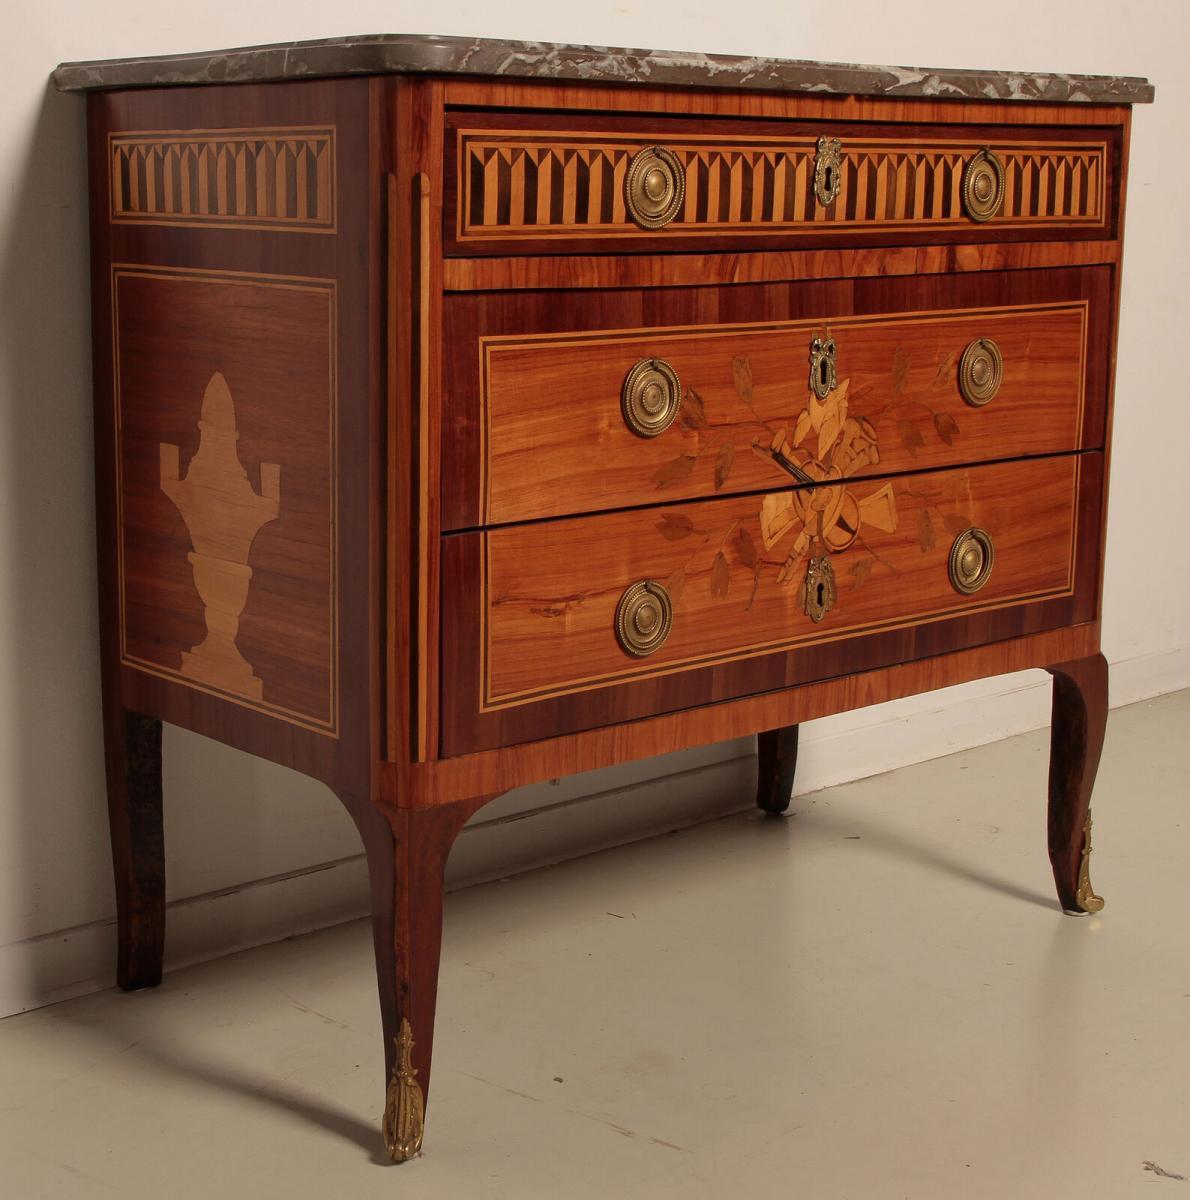 Louis Seize Sil Kommode gefertigt um 1900 aus diversen Hölzern Antik Kolosseum 1